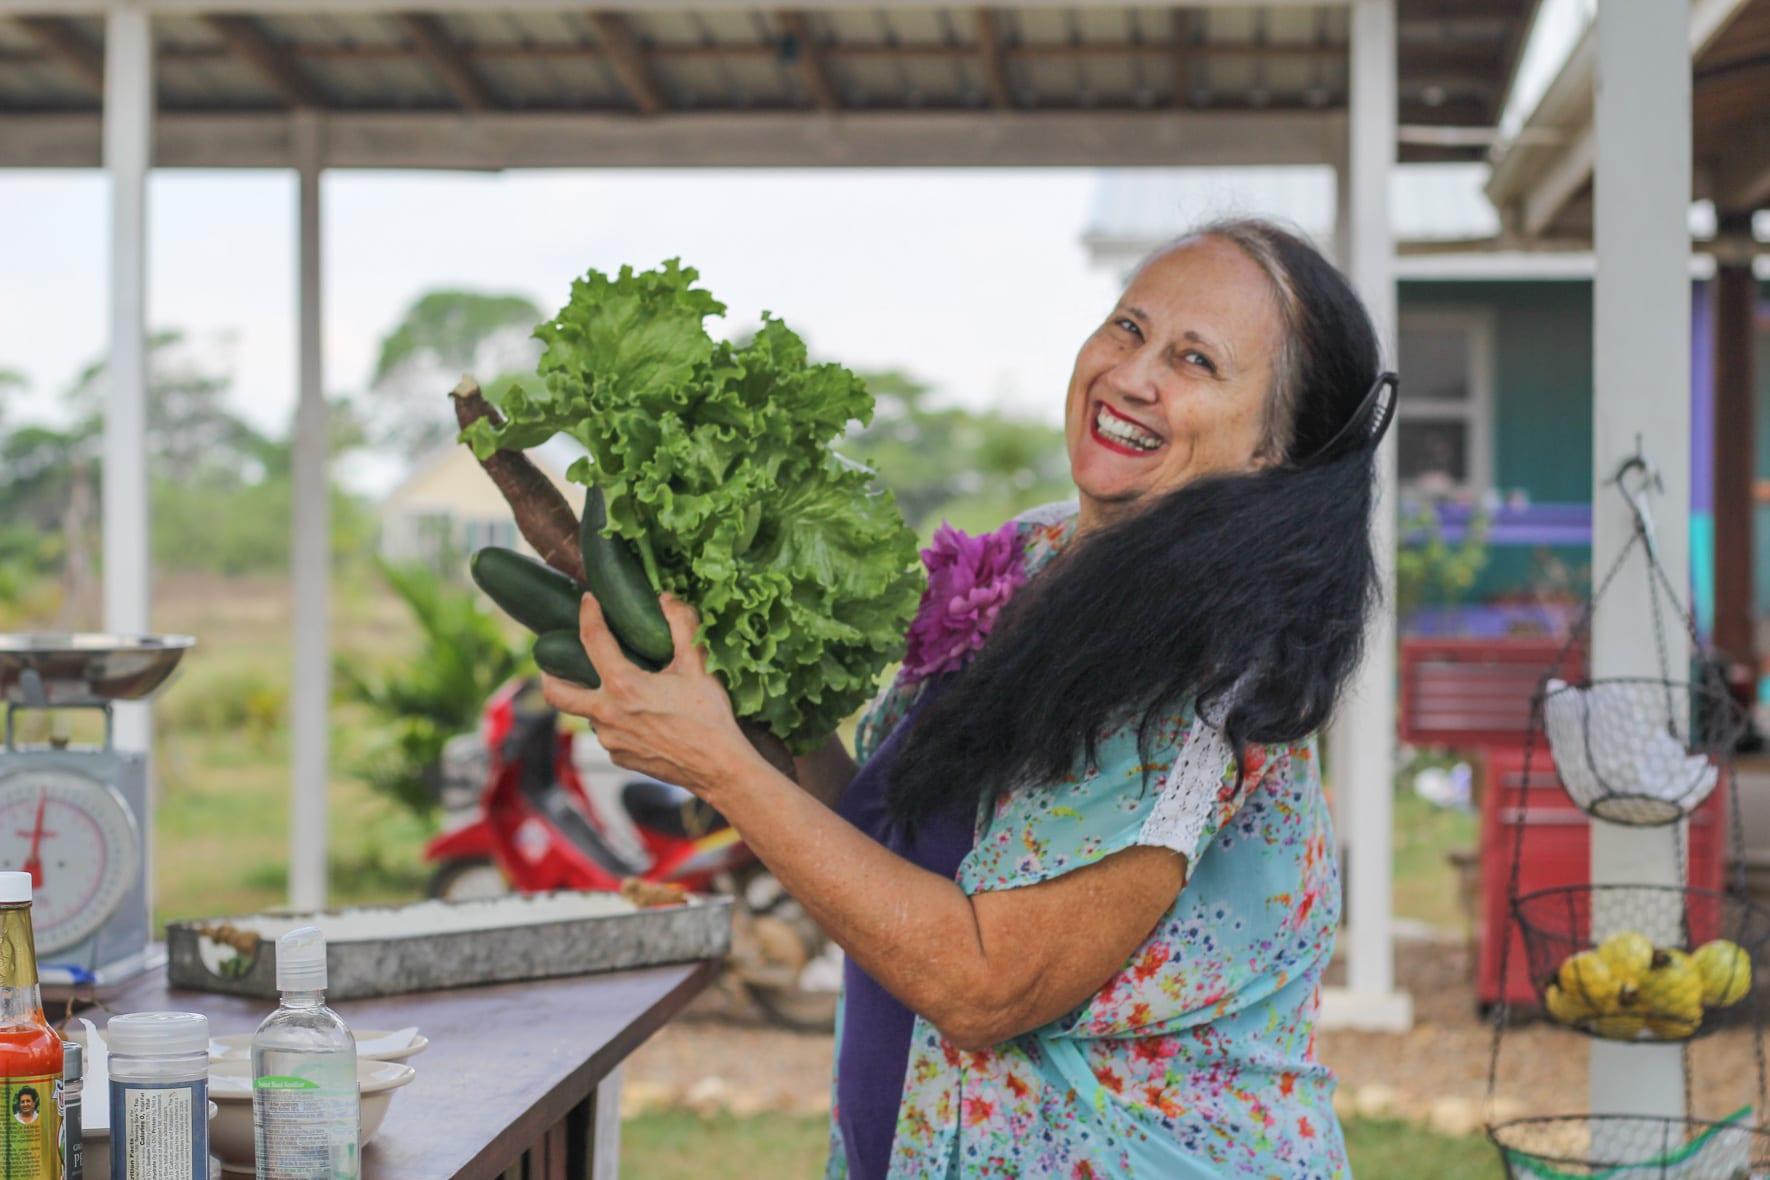 Carmelita Gardens vegetables